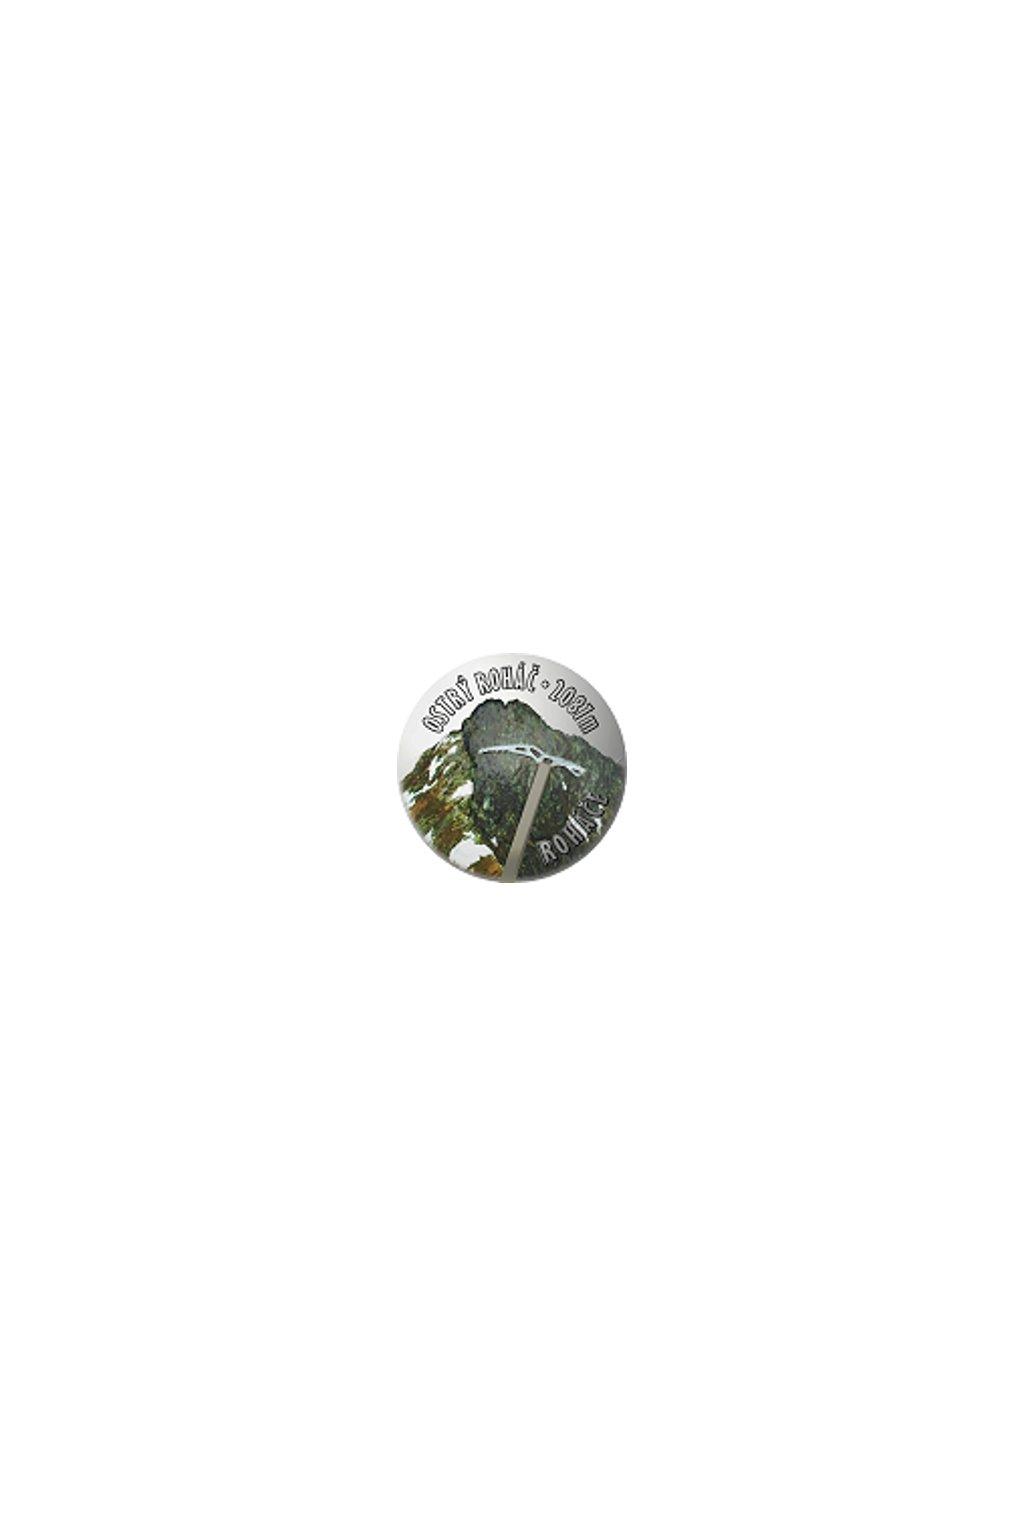 odznak sk ostry rohac01